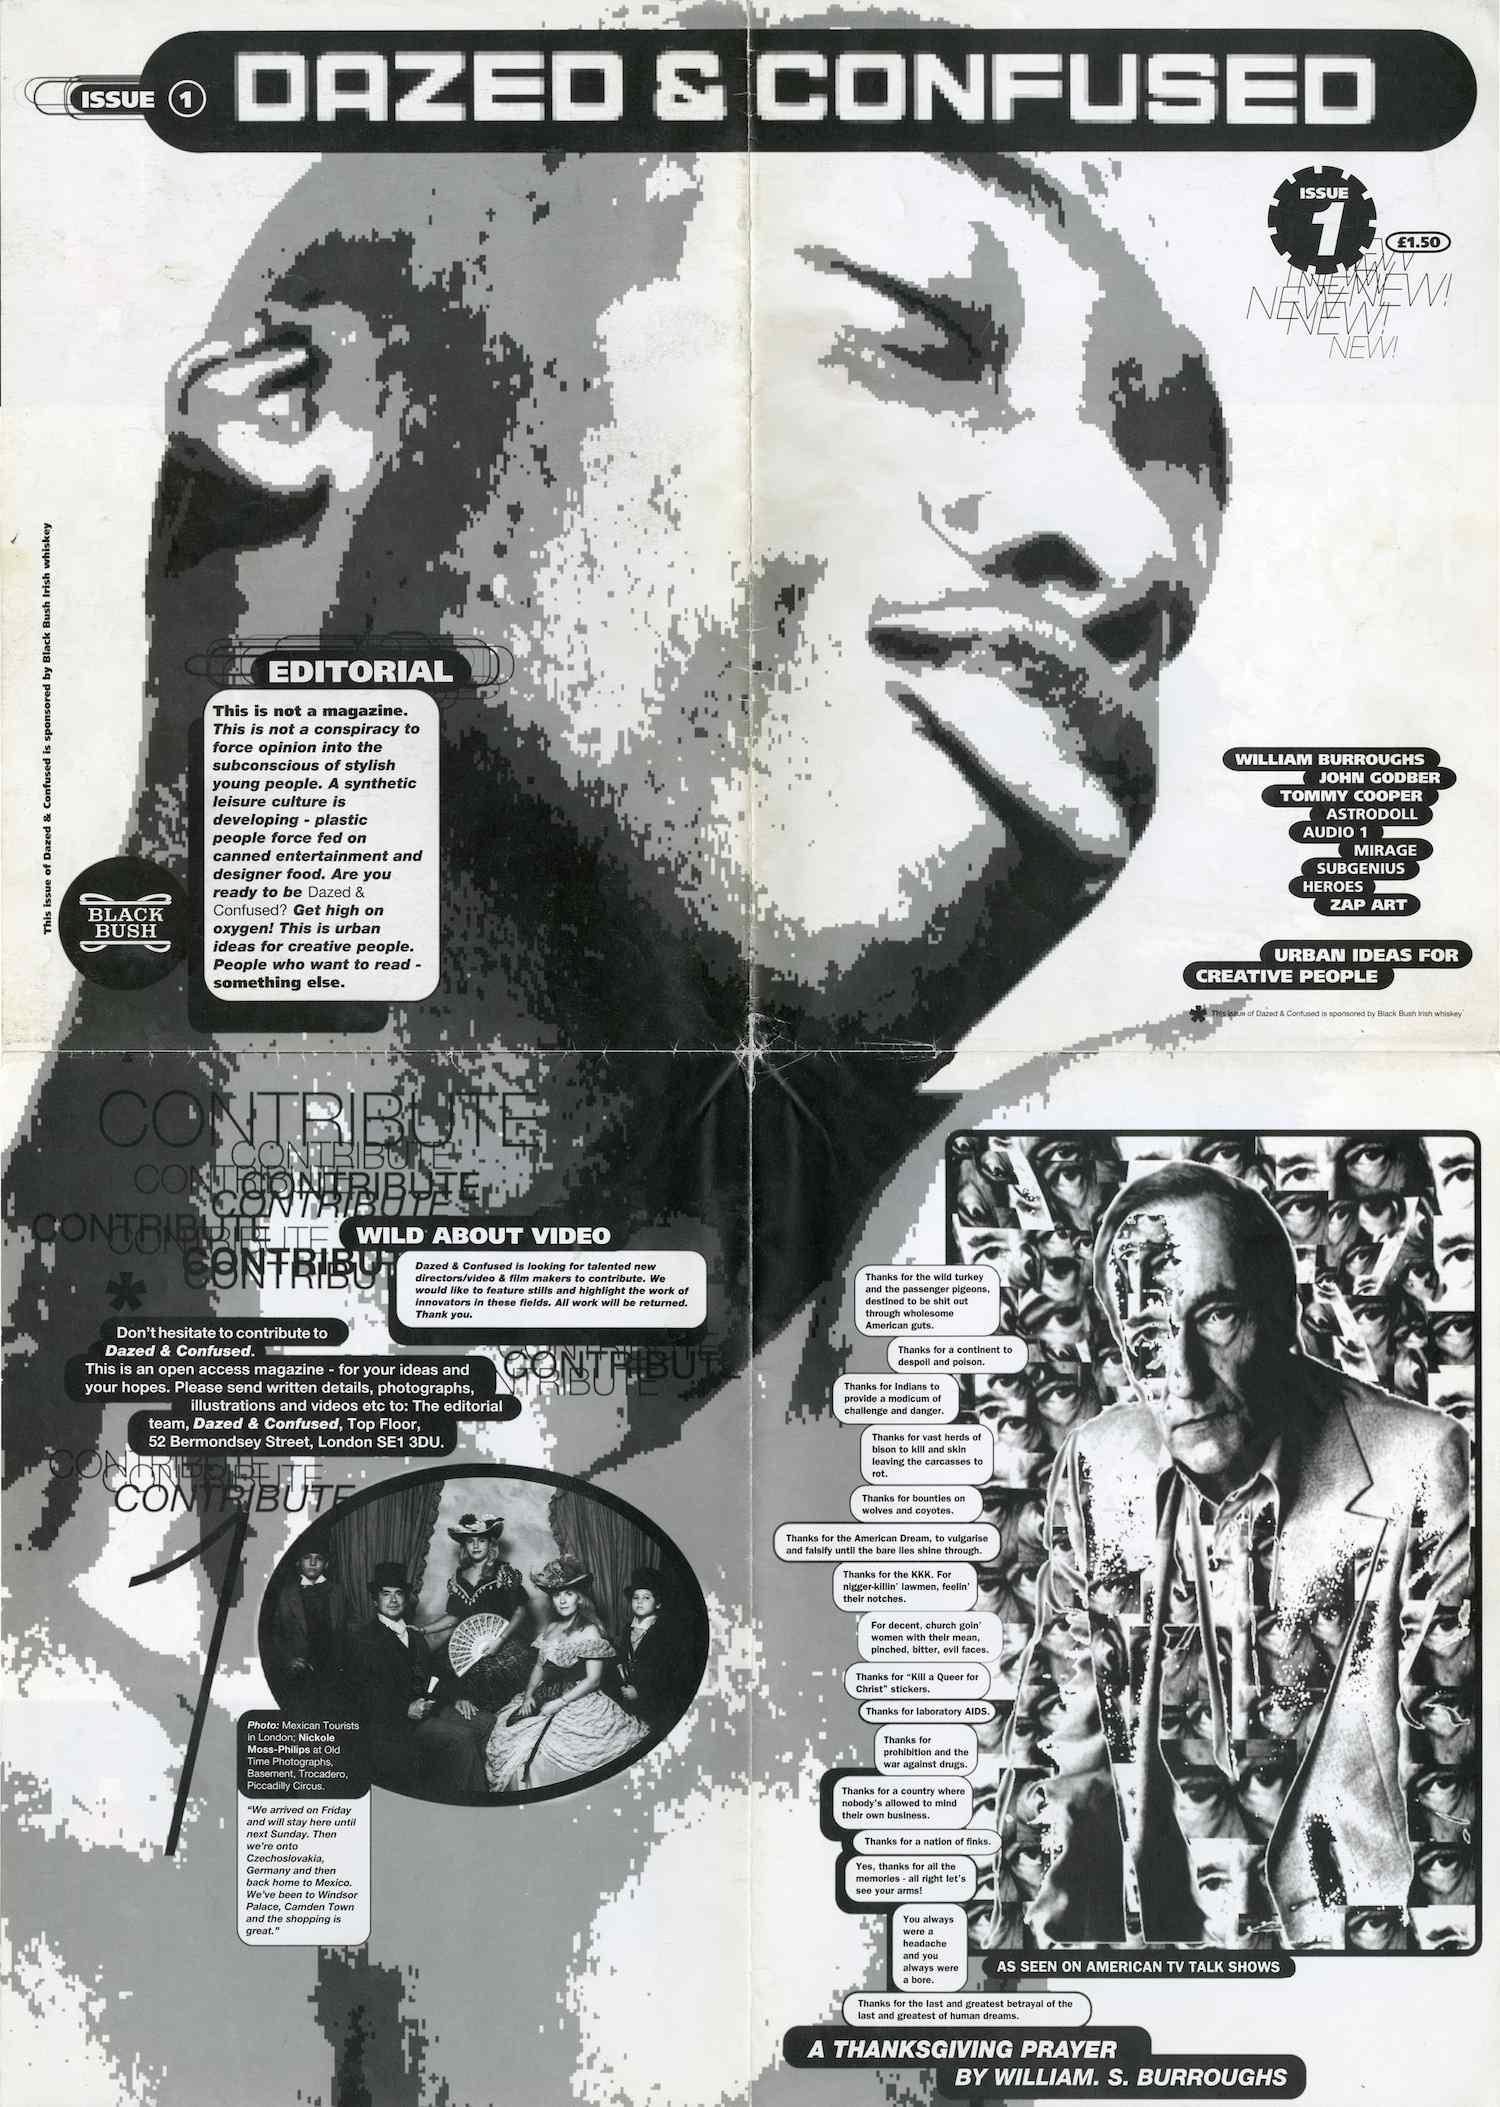 Première couverture du magazine Dazed & Confused.  1. LE CRÉATEUR DU MAGAZINE CULTE DAZED & CONFUSED  Jefferson Hack a cofondé avec le photographe Rankin le magazine Dazed & Confuseden 1991 comme une célébration de la youth culture, la culture des jeunes. Le premier numéro était distribué sous forme de poster que l'on pouvait accrocher à son mur après l'avoir lu. Dazed & Confusedétait en fait l'extension d'un magazine étudiant lancé par les deux complices, qui avait été primé par les Student Media Awards du grand quotidien anglais The Guardian. Outre-Manche, les magazines i-Det The Faceavaient déjà immortalisé les cultures jeunes underground britanniques des années 80 et 90, et accompagné la gentrification des rebelles, au fil du développement considérable de l'industrie de la mode. Dazed & Confusedpoursuit ce mouvement en livrant une radiographie des aspirations contradictoires de la jeunesse contemporaine, ultra politisée et consciente, mais aussi avide de consommation.